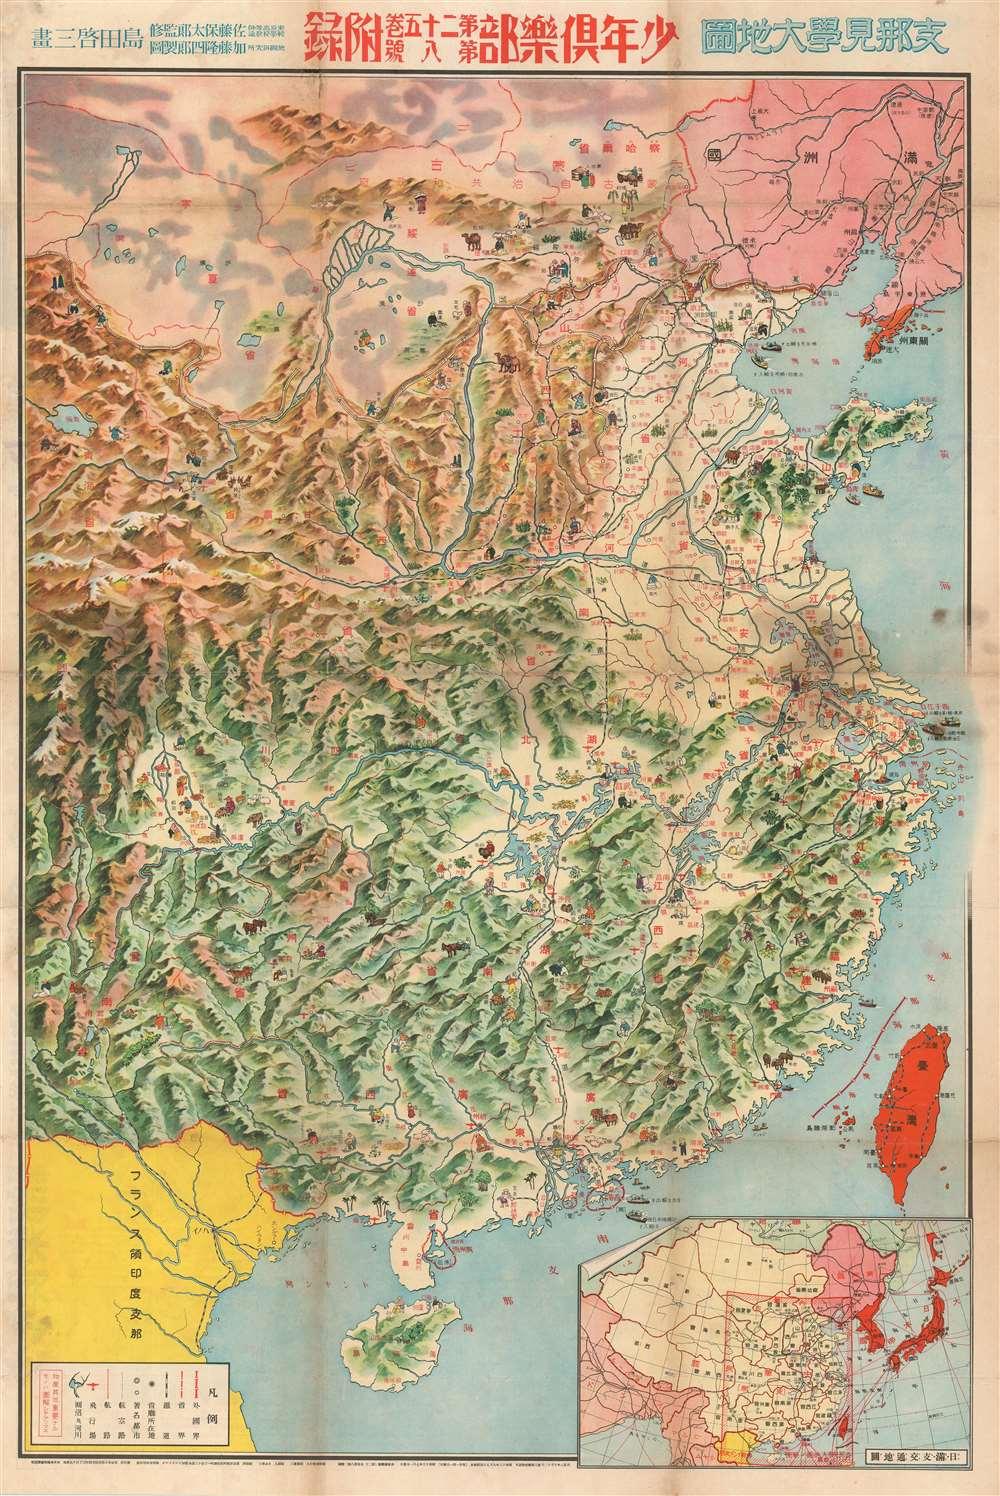 支那見學大地圖 / Large Map of China. - Main View